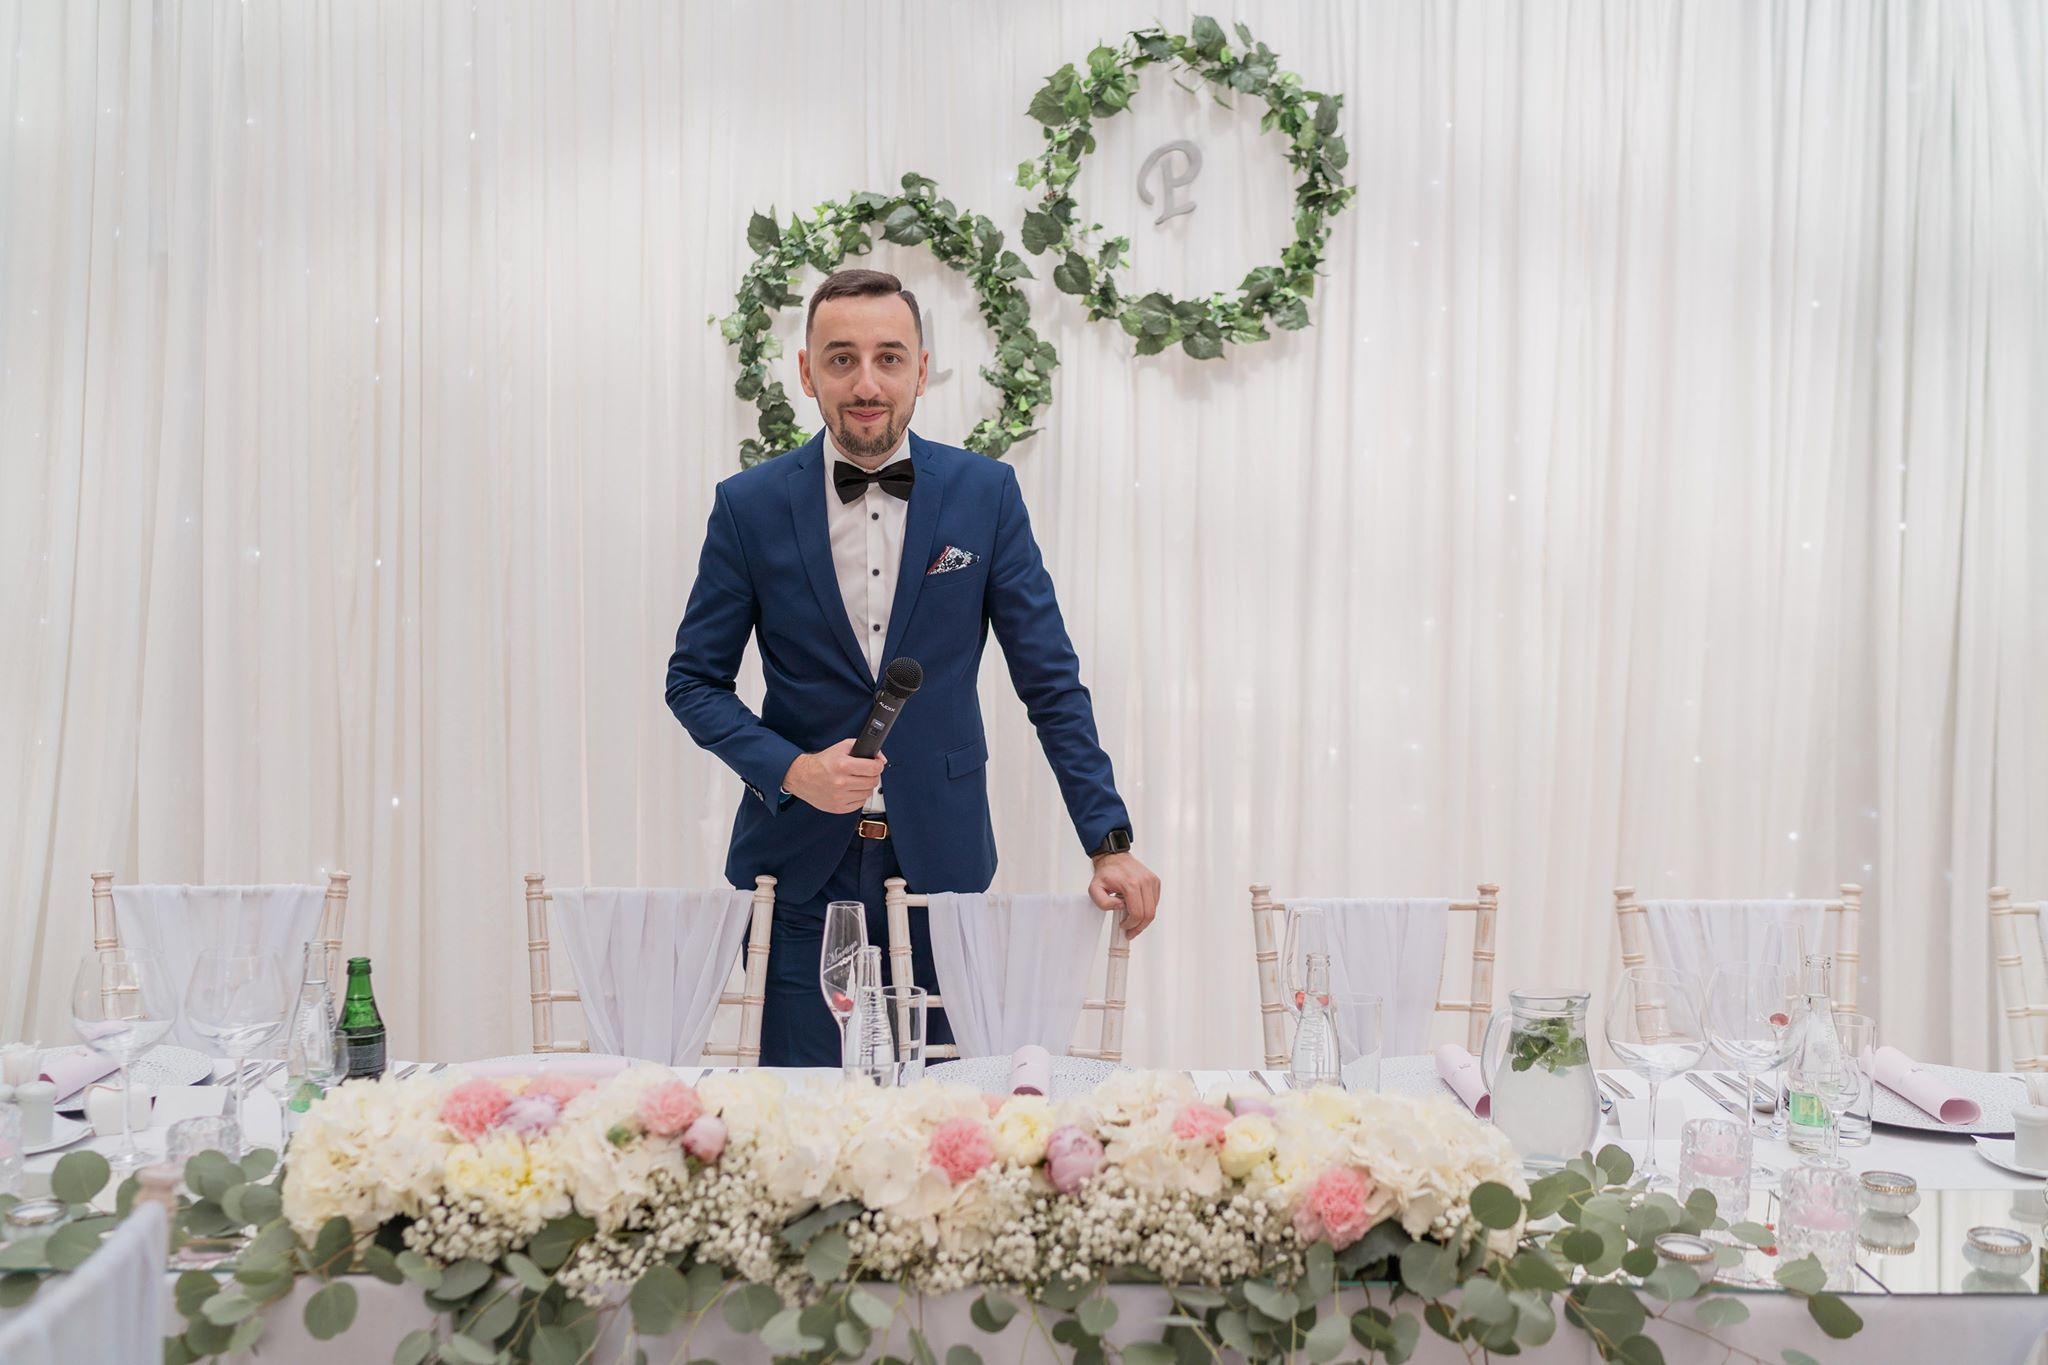 dj-zilina-bratislava-poprad-modra-moderator-svadbajpg